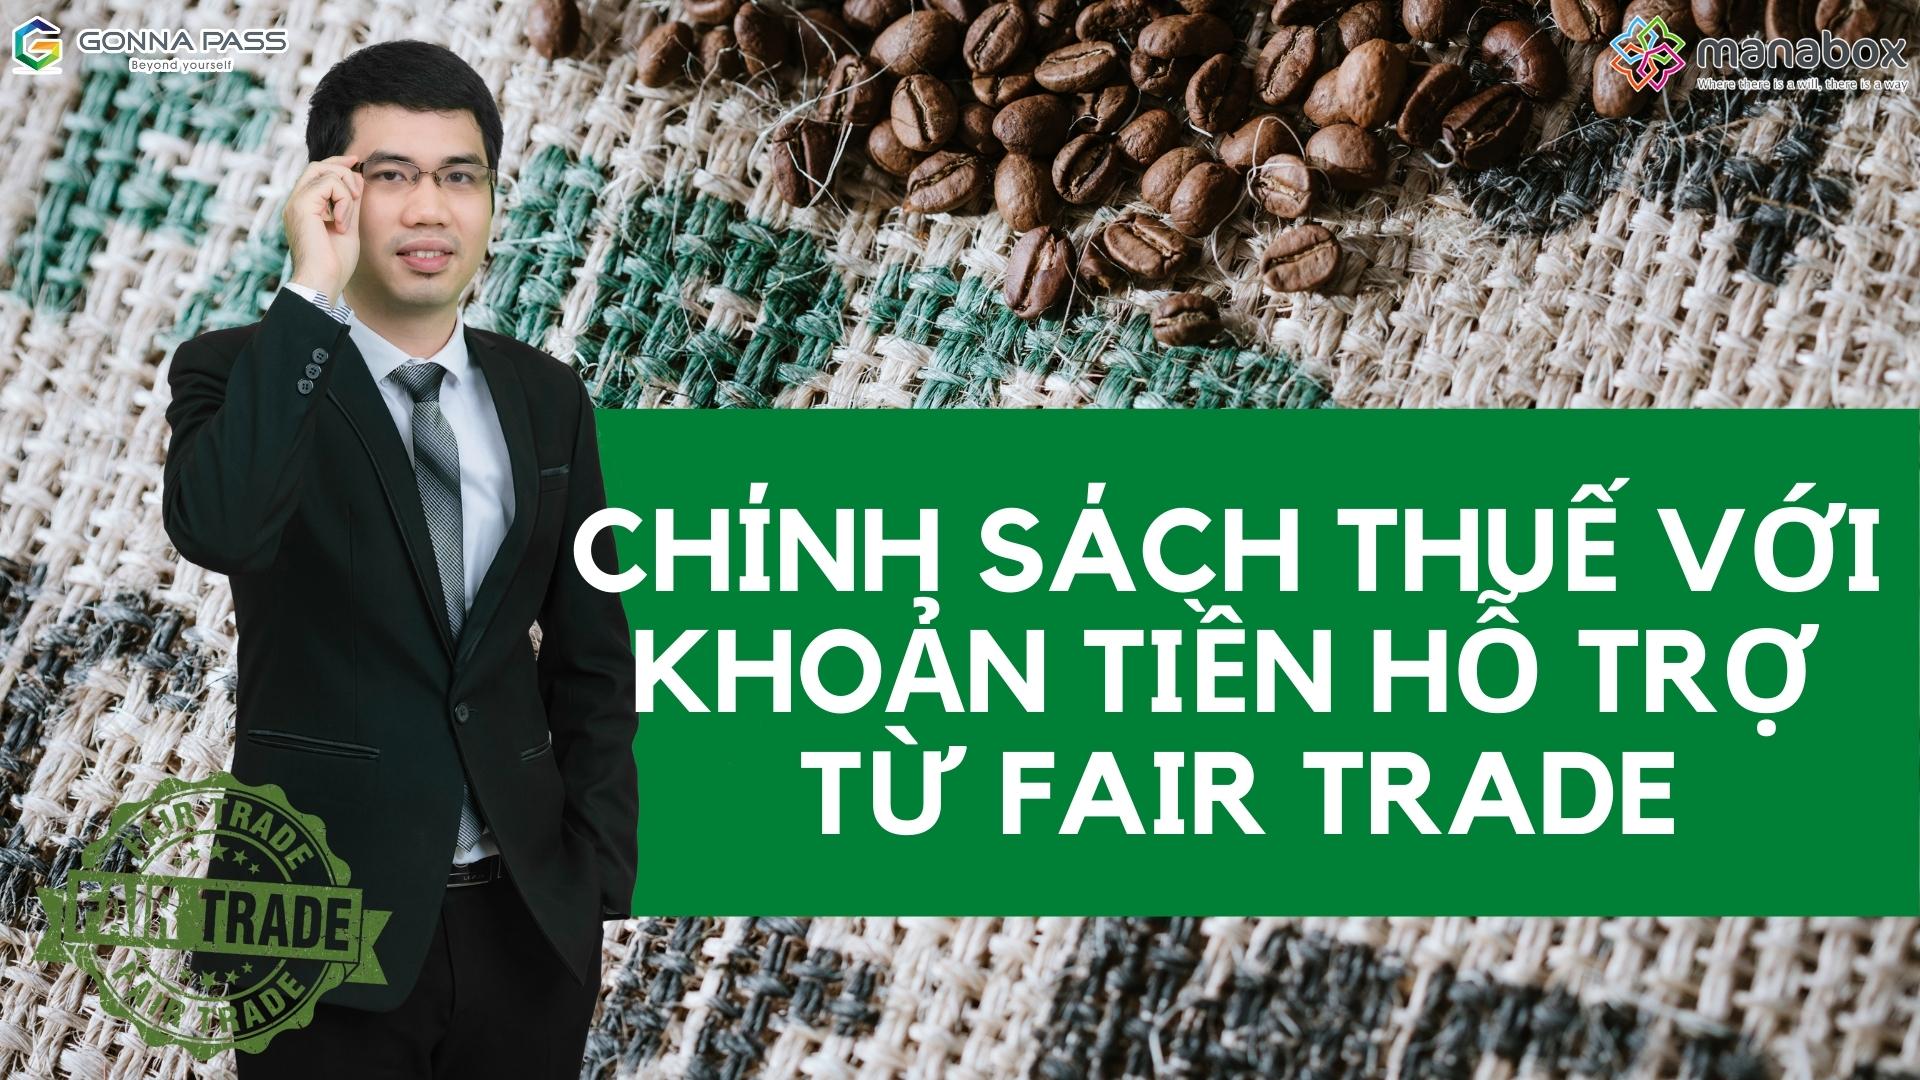 Chính sách thuế với khoản tiền hỗ trợ từ Fair Trade